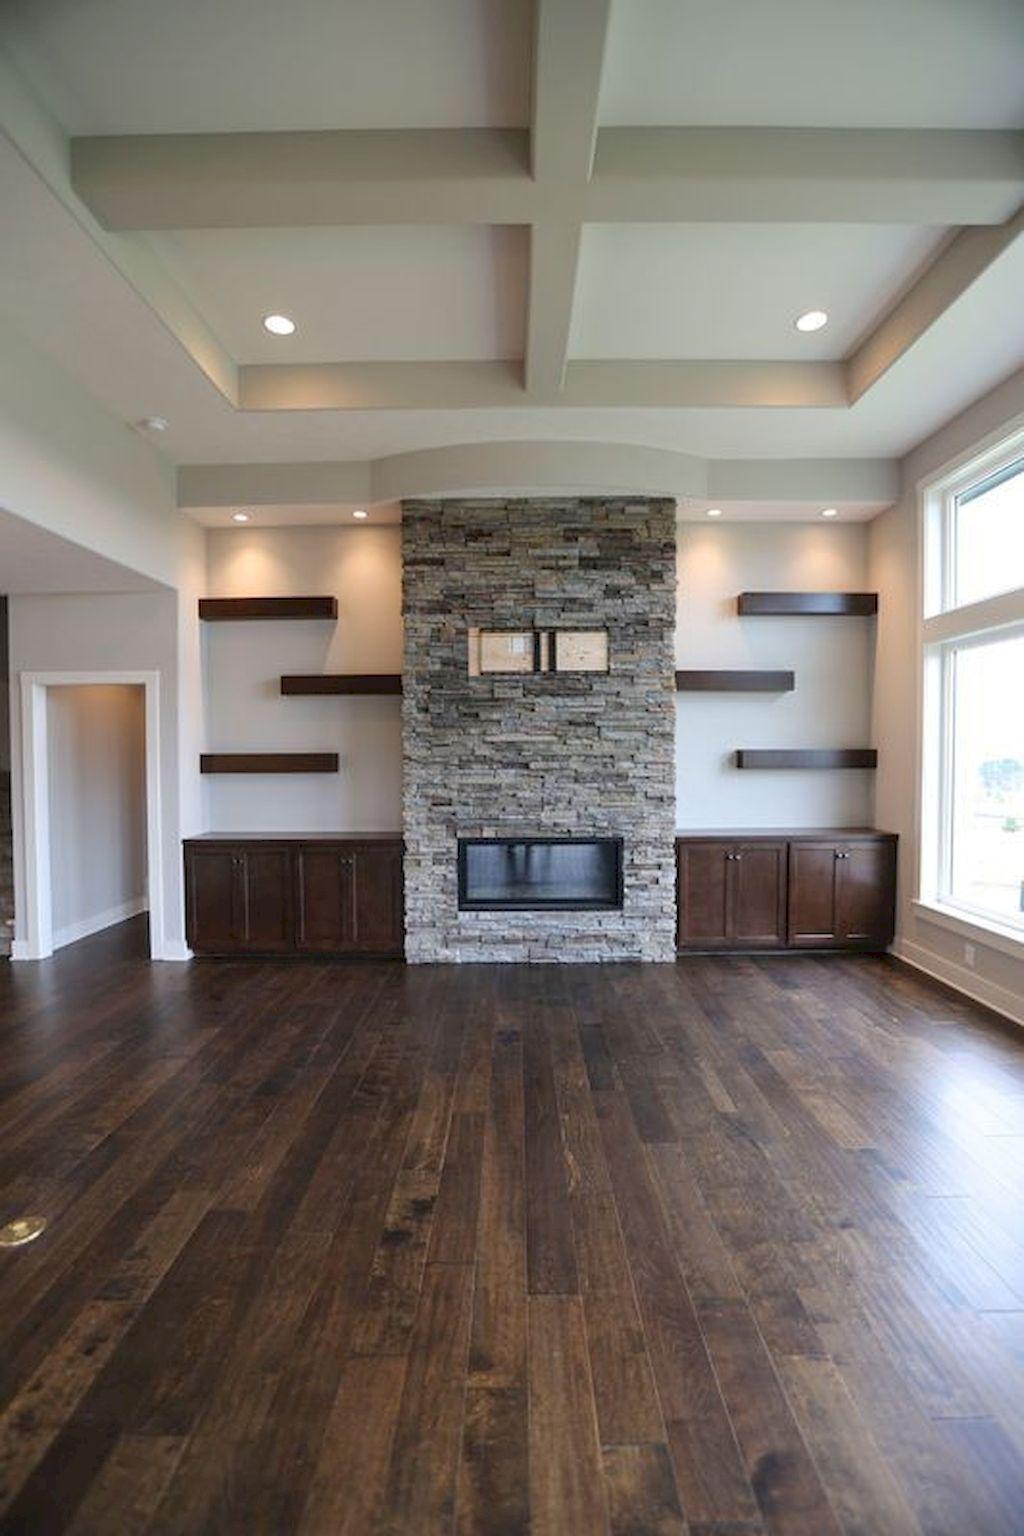 Tv Showcase Design Ideas For Living Room Decor 15524: 55 Brilliant Floating Shelves Design For Living Room Ideas